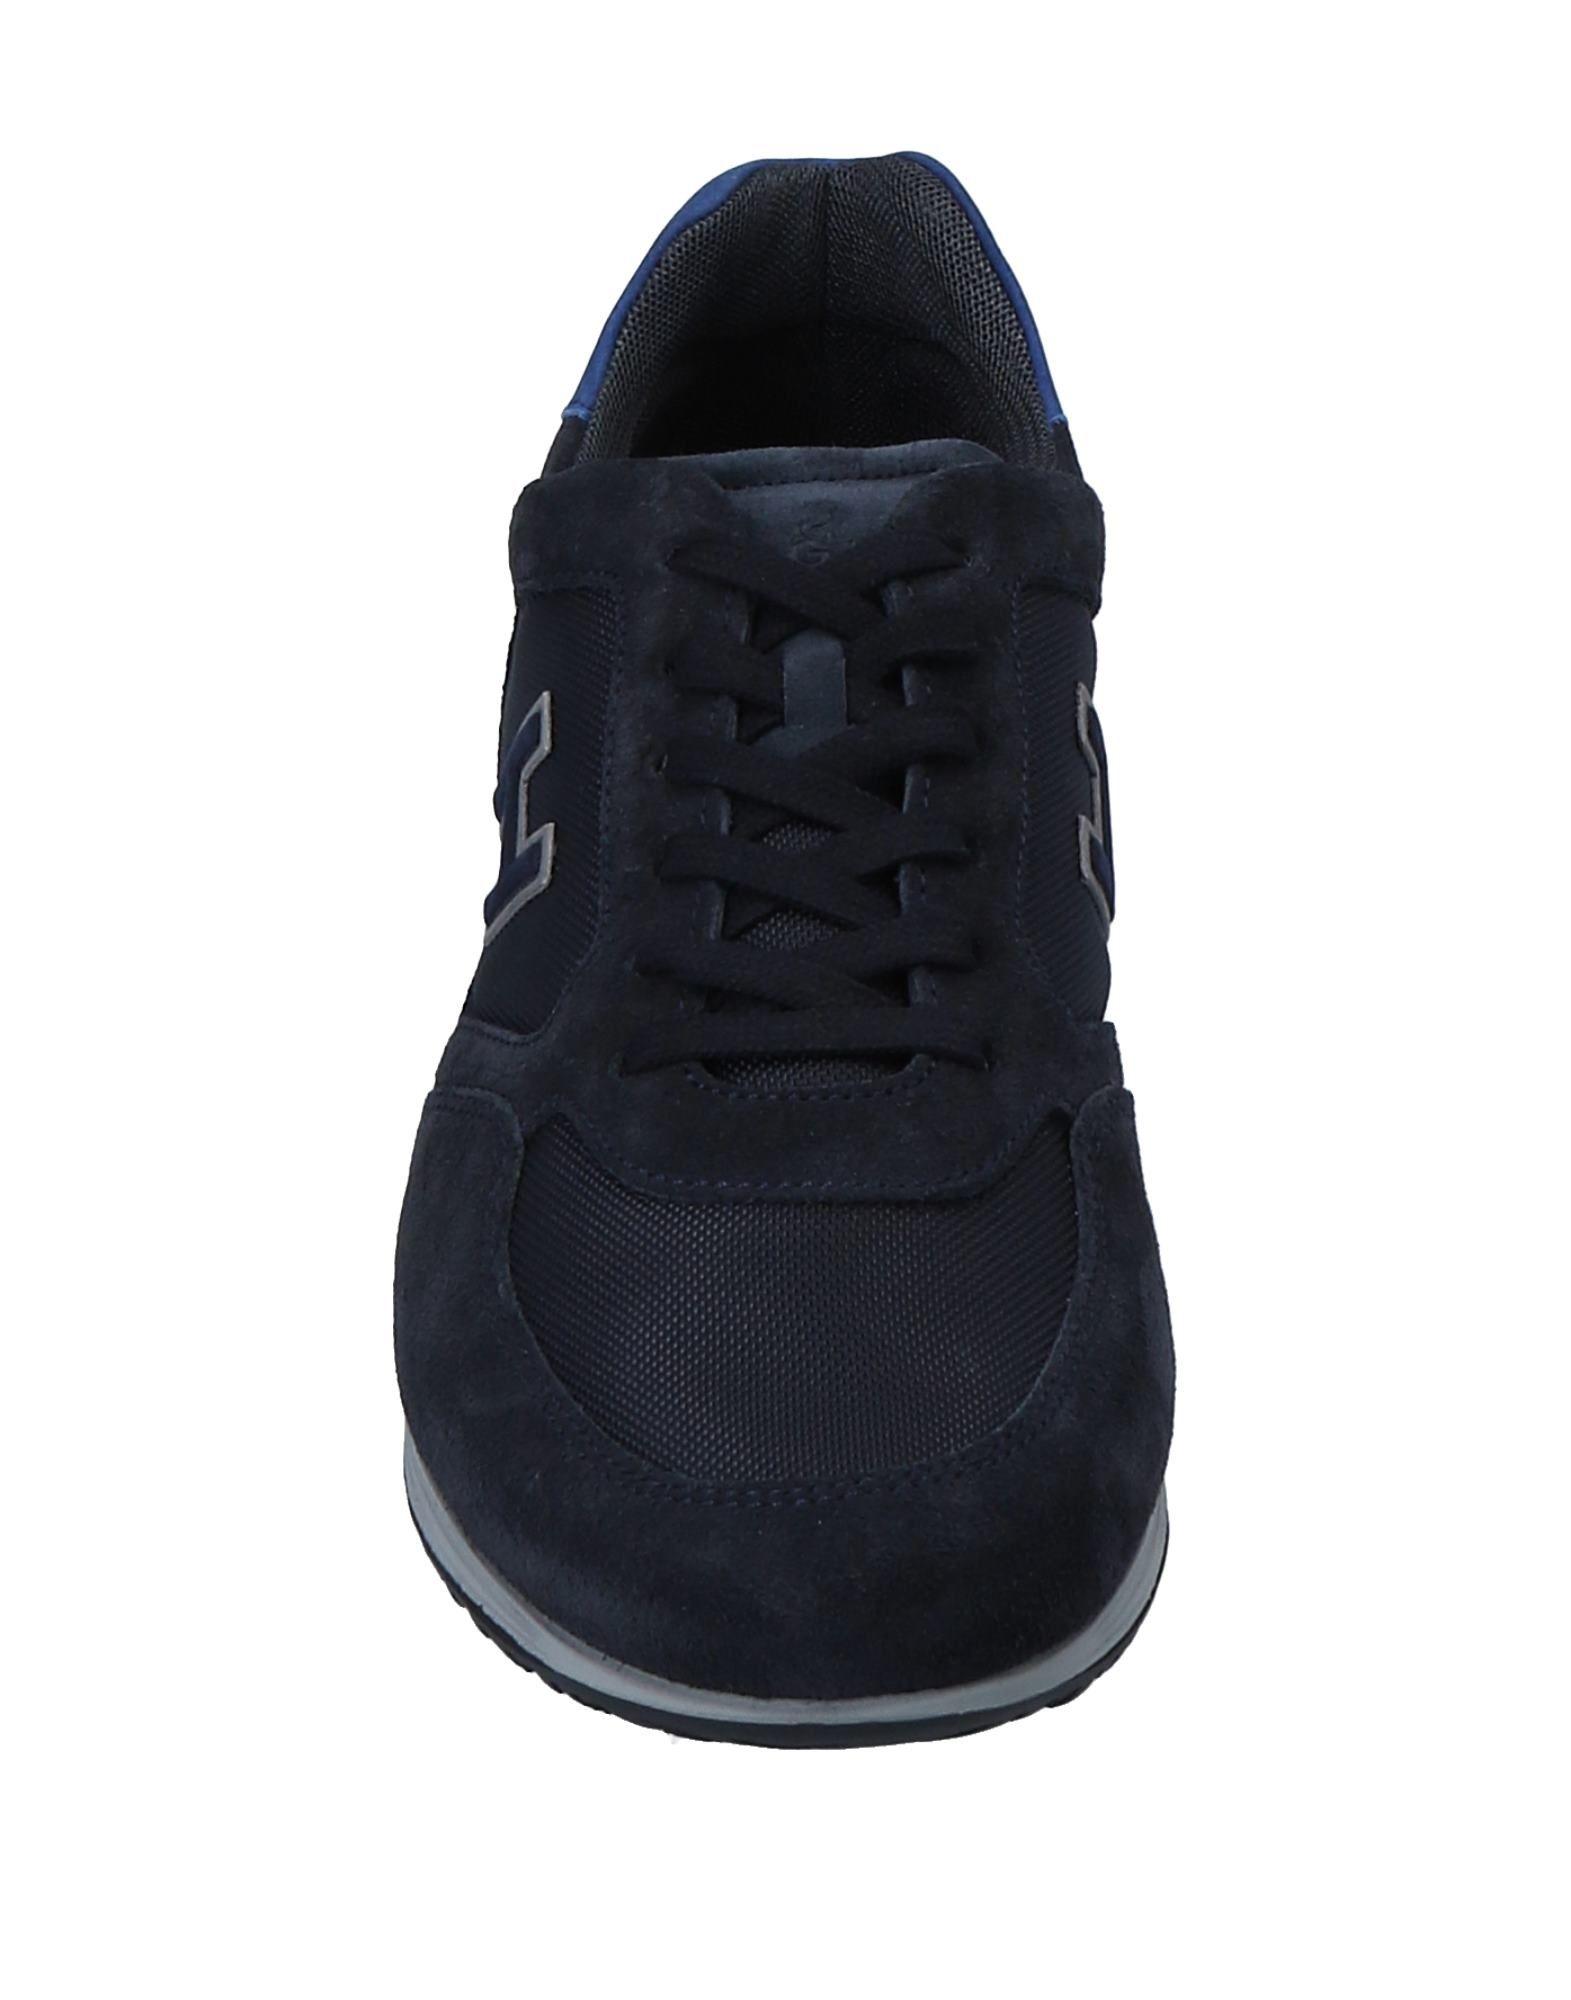 Hogan Sneakers Herren  11559174FI Gute Qualität beliebte Schuhe